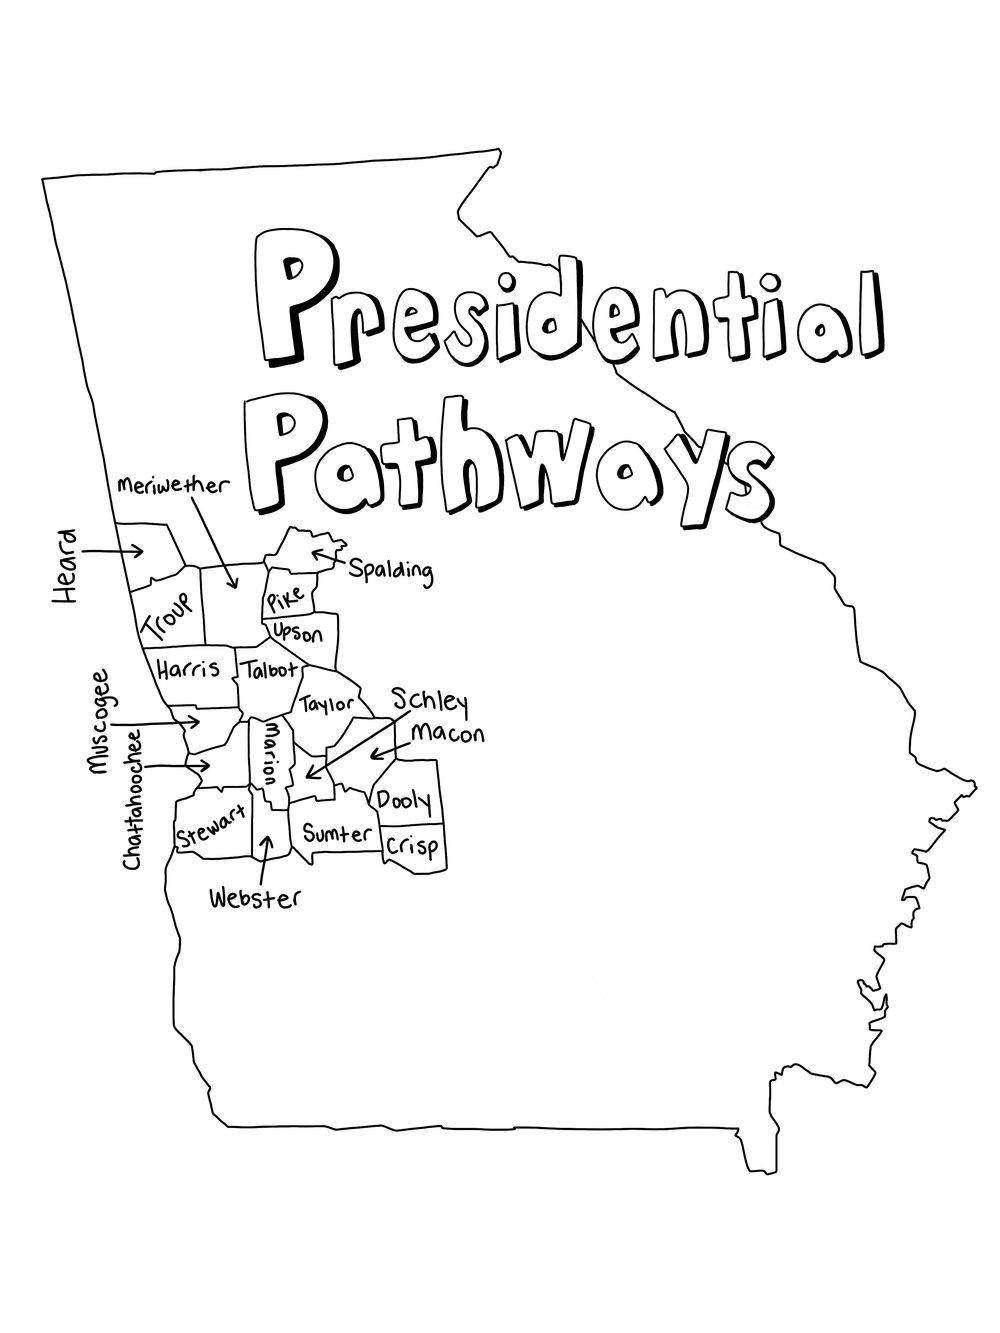 Presidential Pathways.jpg